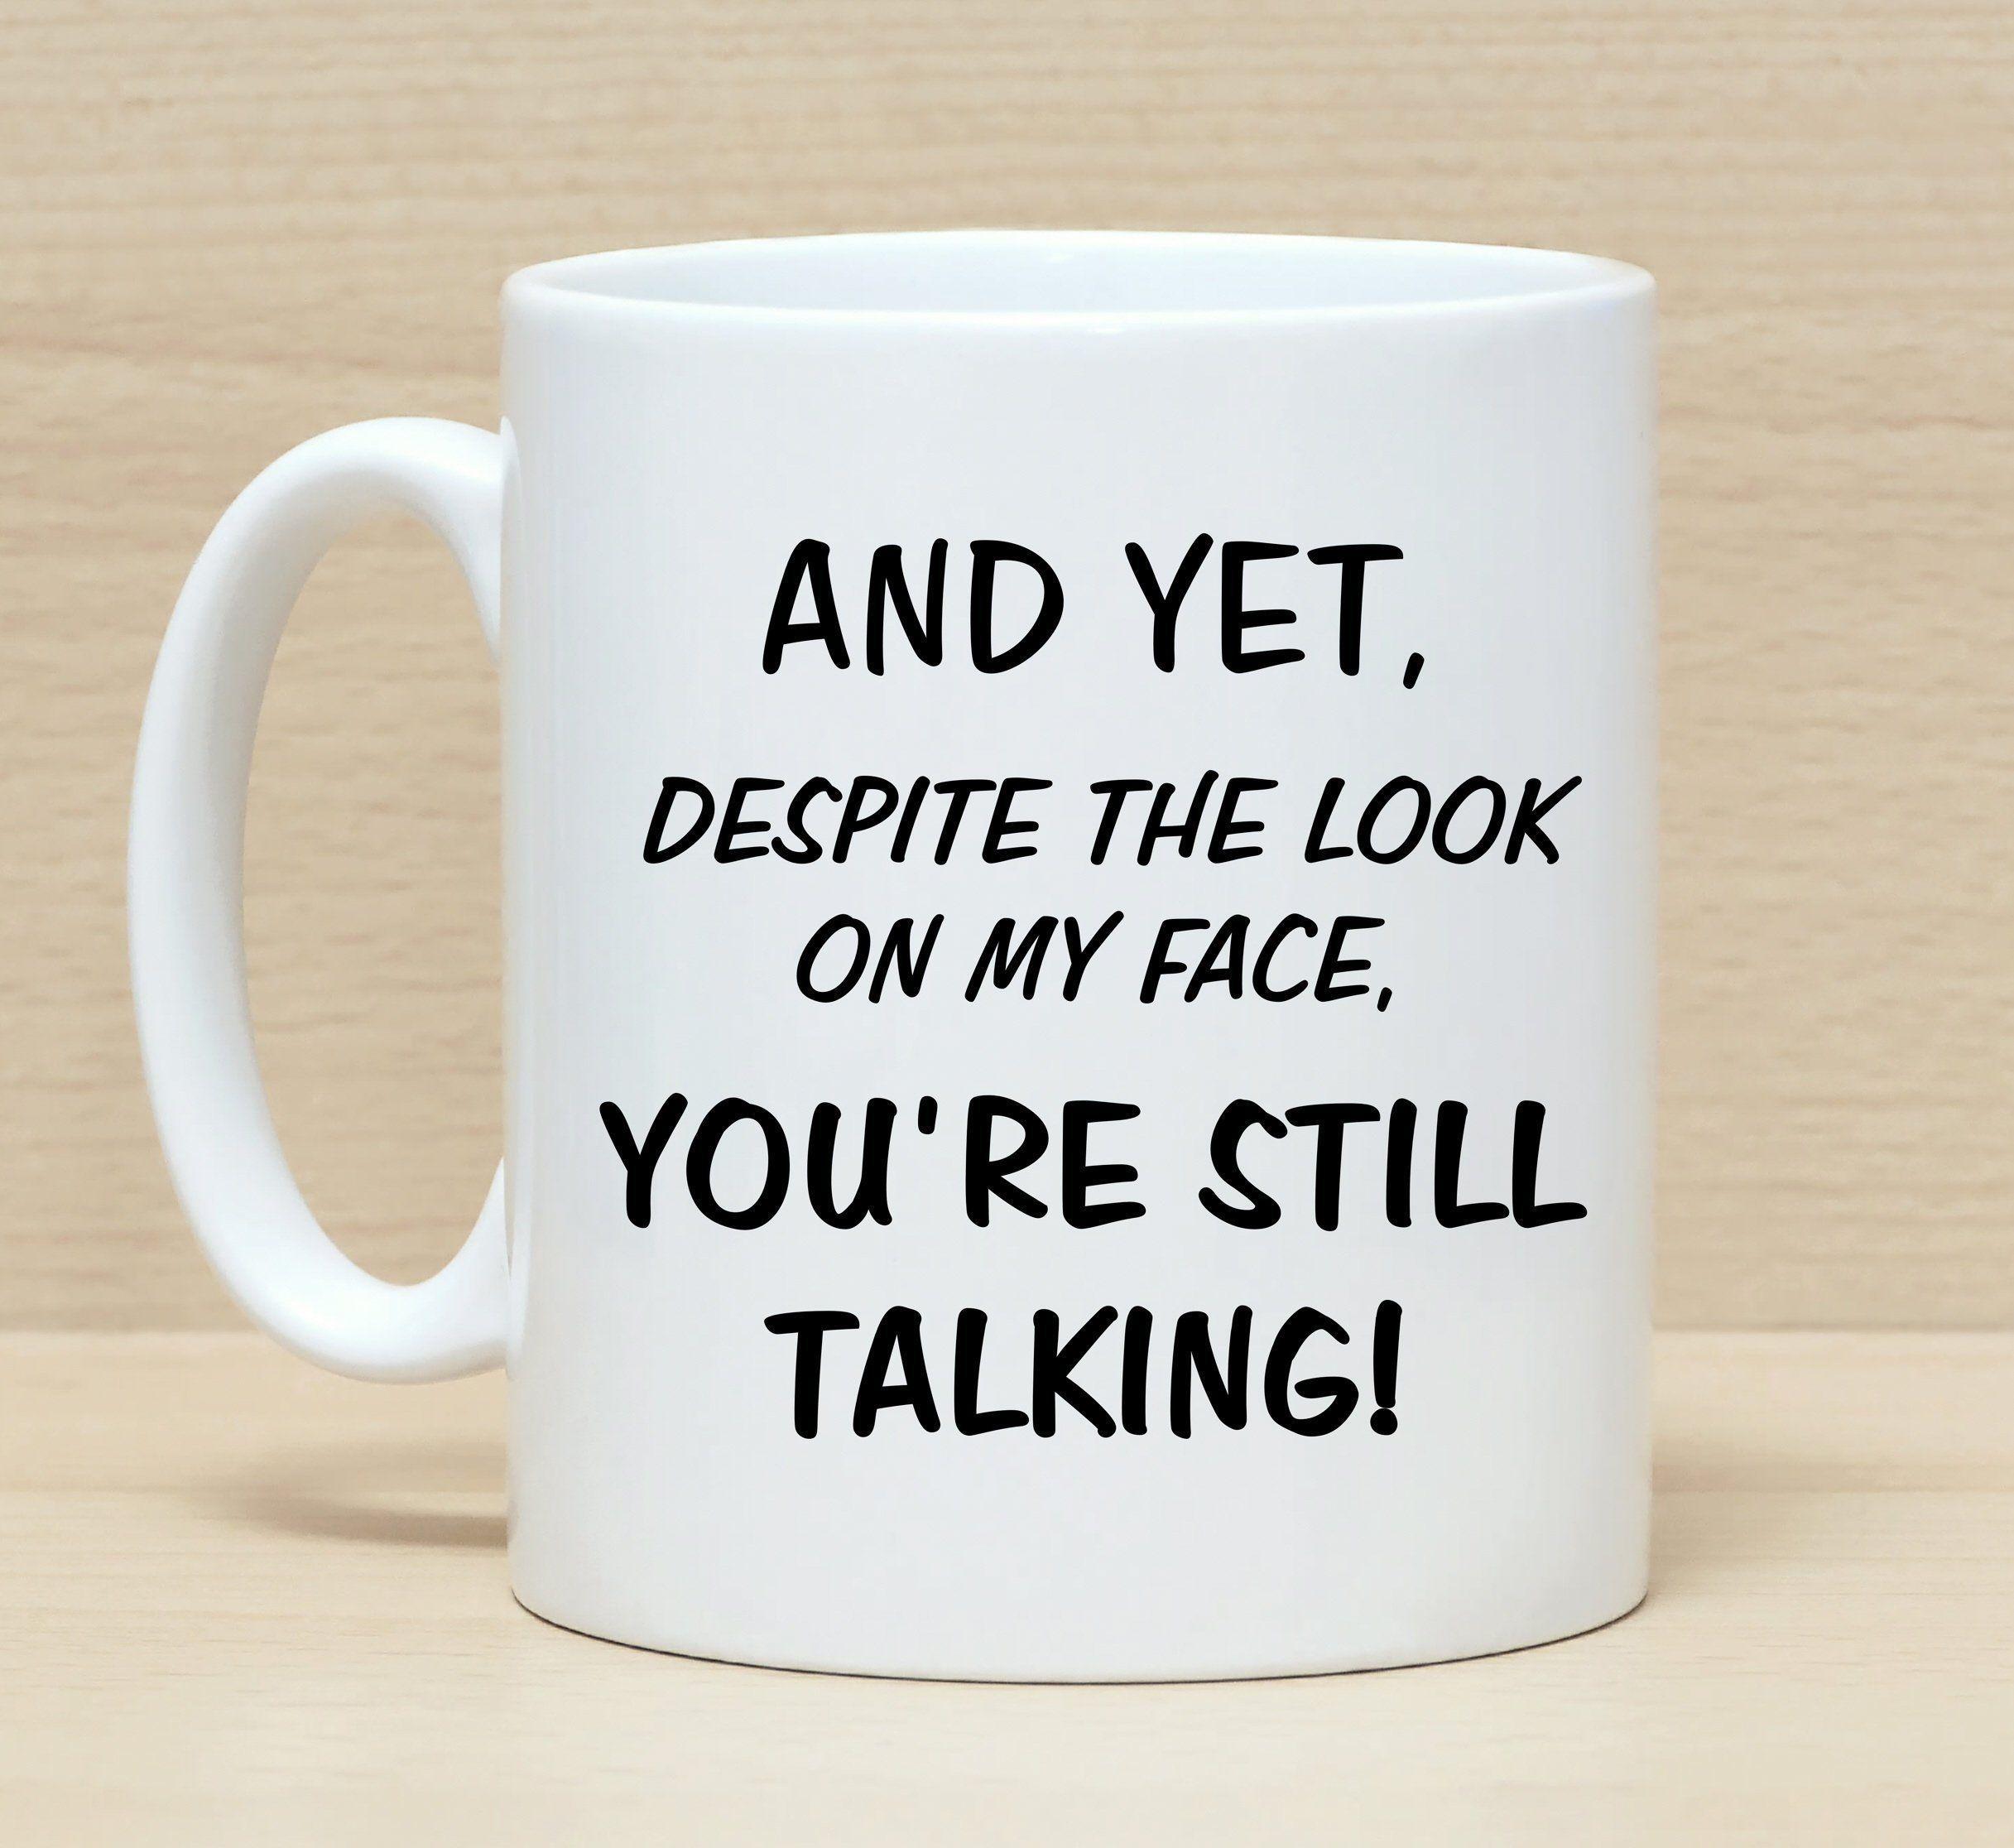 Funny Mug Mug With Sayings Funny Coffee Mug Mug Gift Sarcasm Mug Sarcasm Gift Mug For Women Mug For Men Wor Funny Coffee Mugs Coffee Humor Mugs For Men